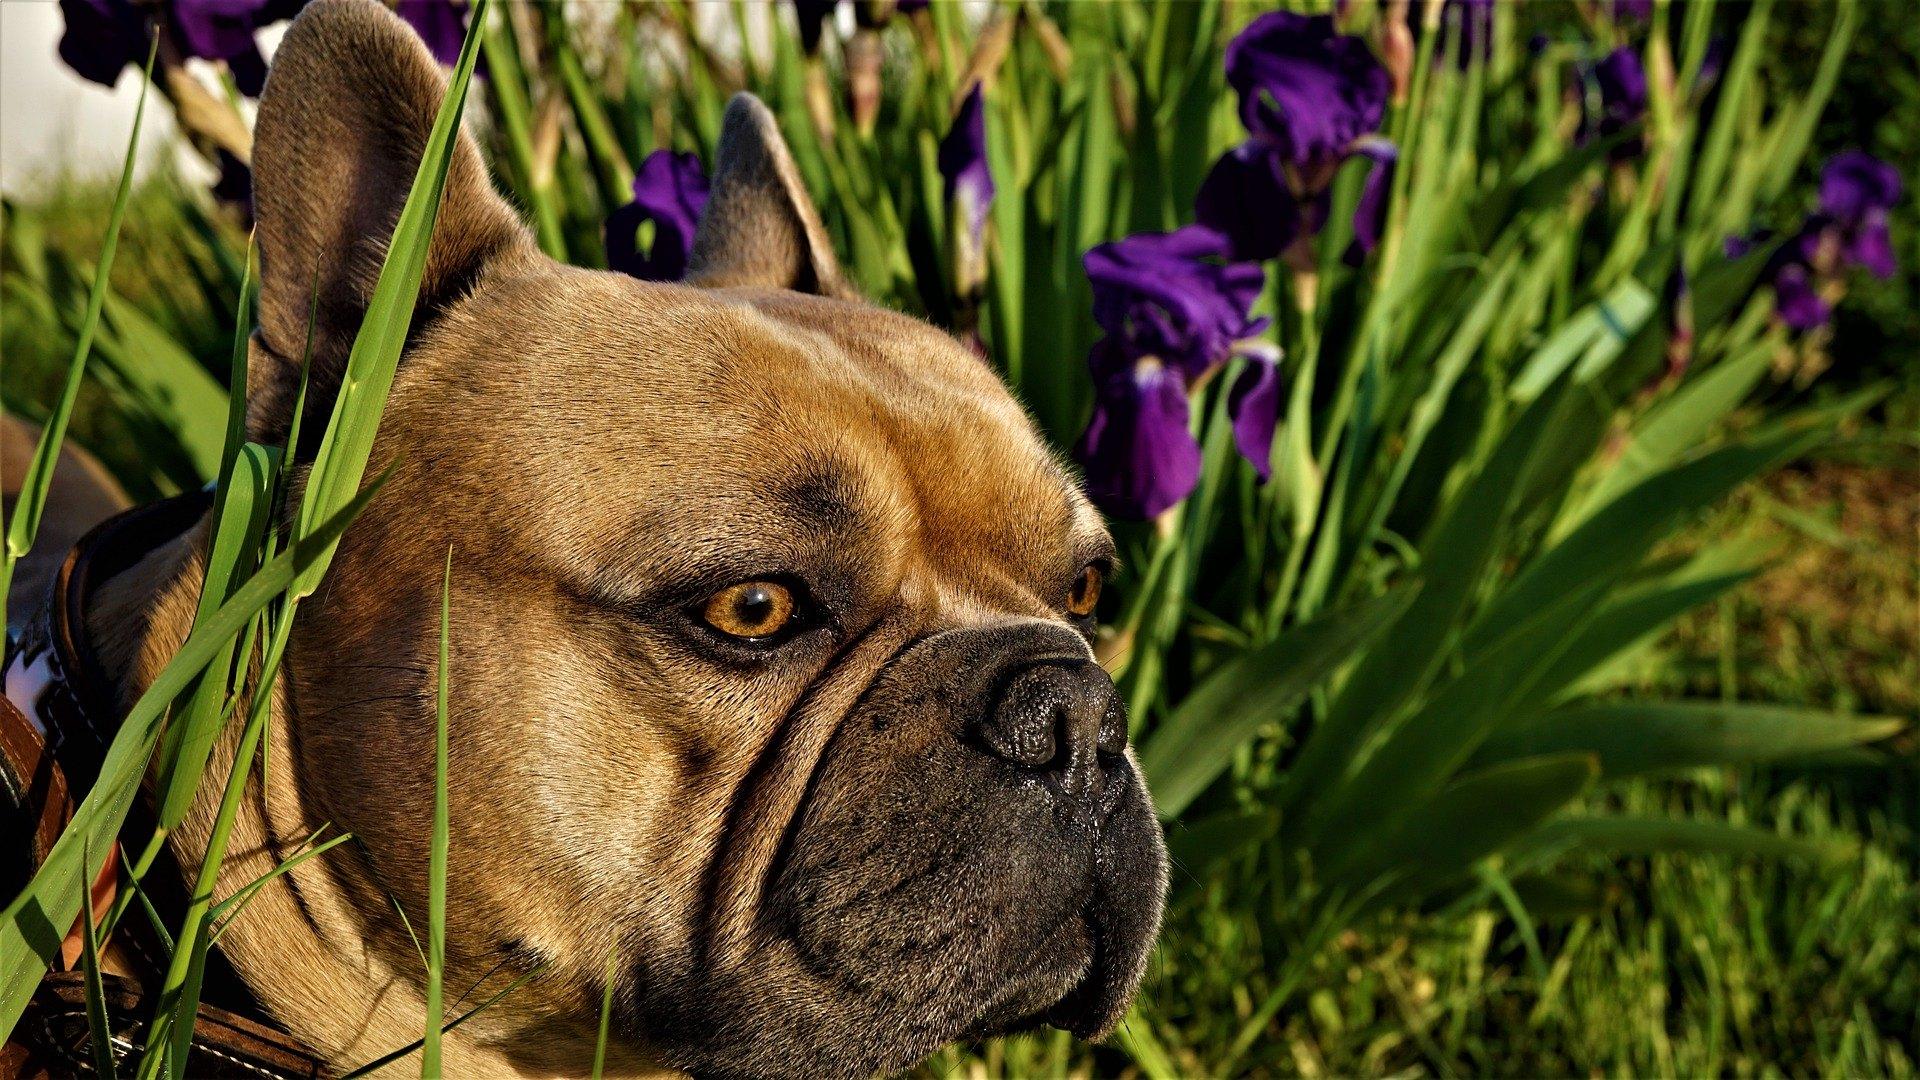 Ein von einer Mücke gebissener Hund kann Dermatitis entwickeln. Er ist auch dem Risiko von Infektionskrankheiten ausgesetzt, die von Insekten übertragen werden.